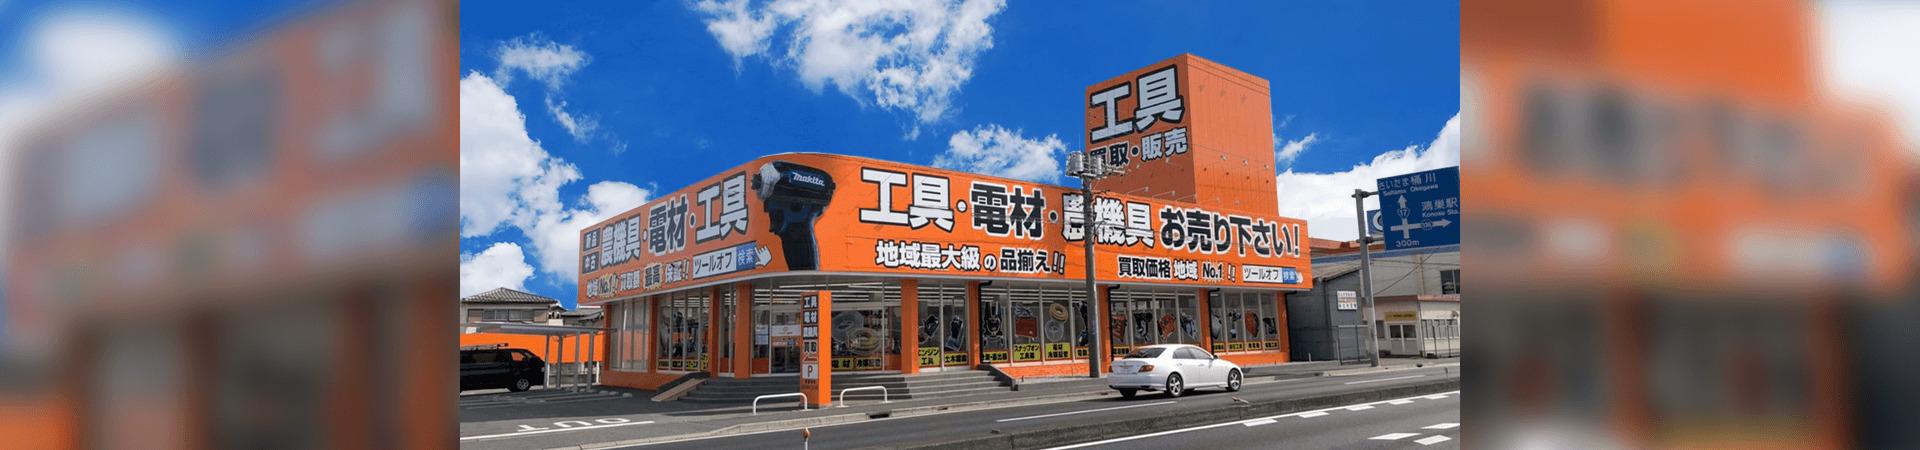 熊谷市で工具の買取ならツールオフへ